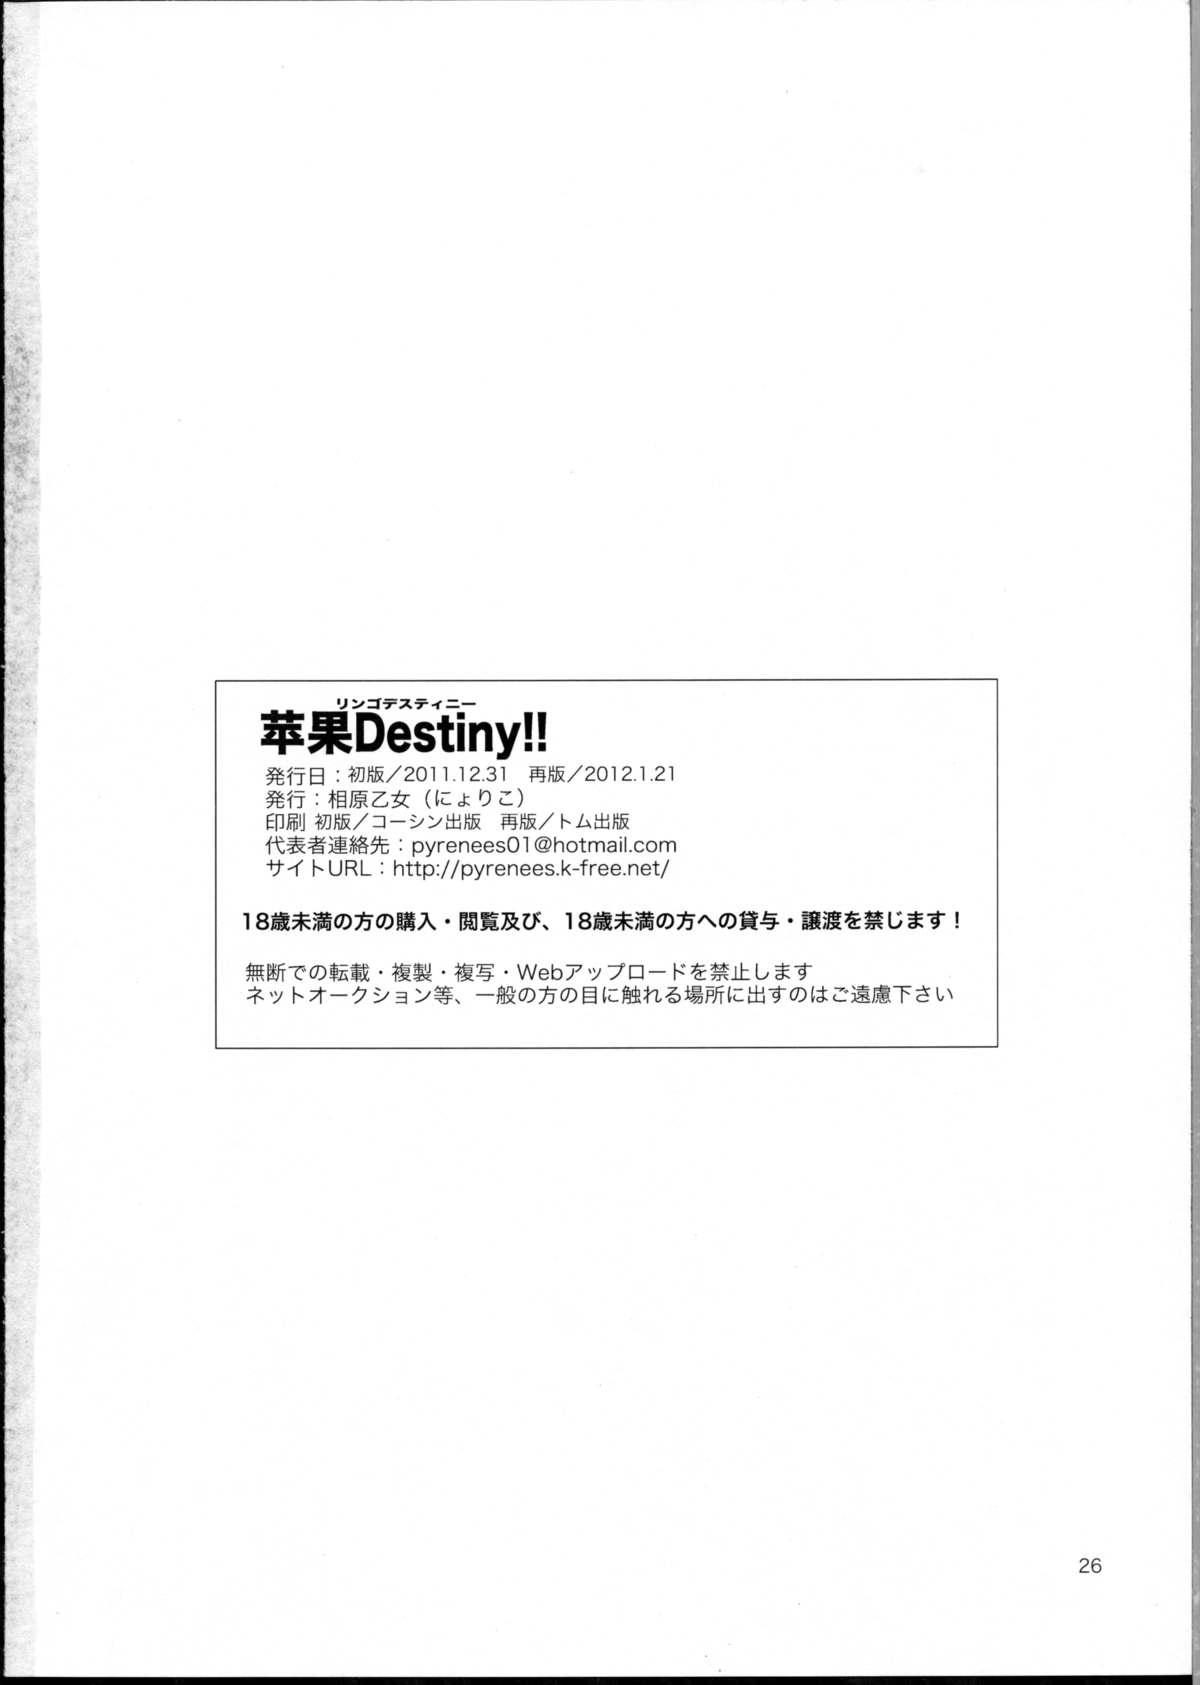 Ringo Destiny!! 24